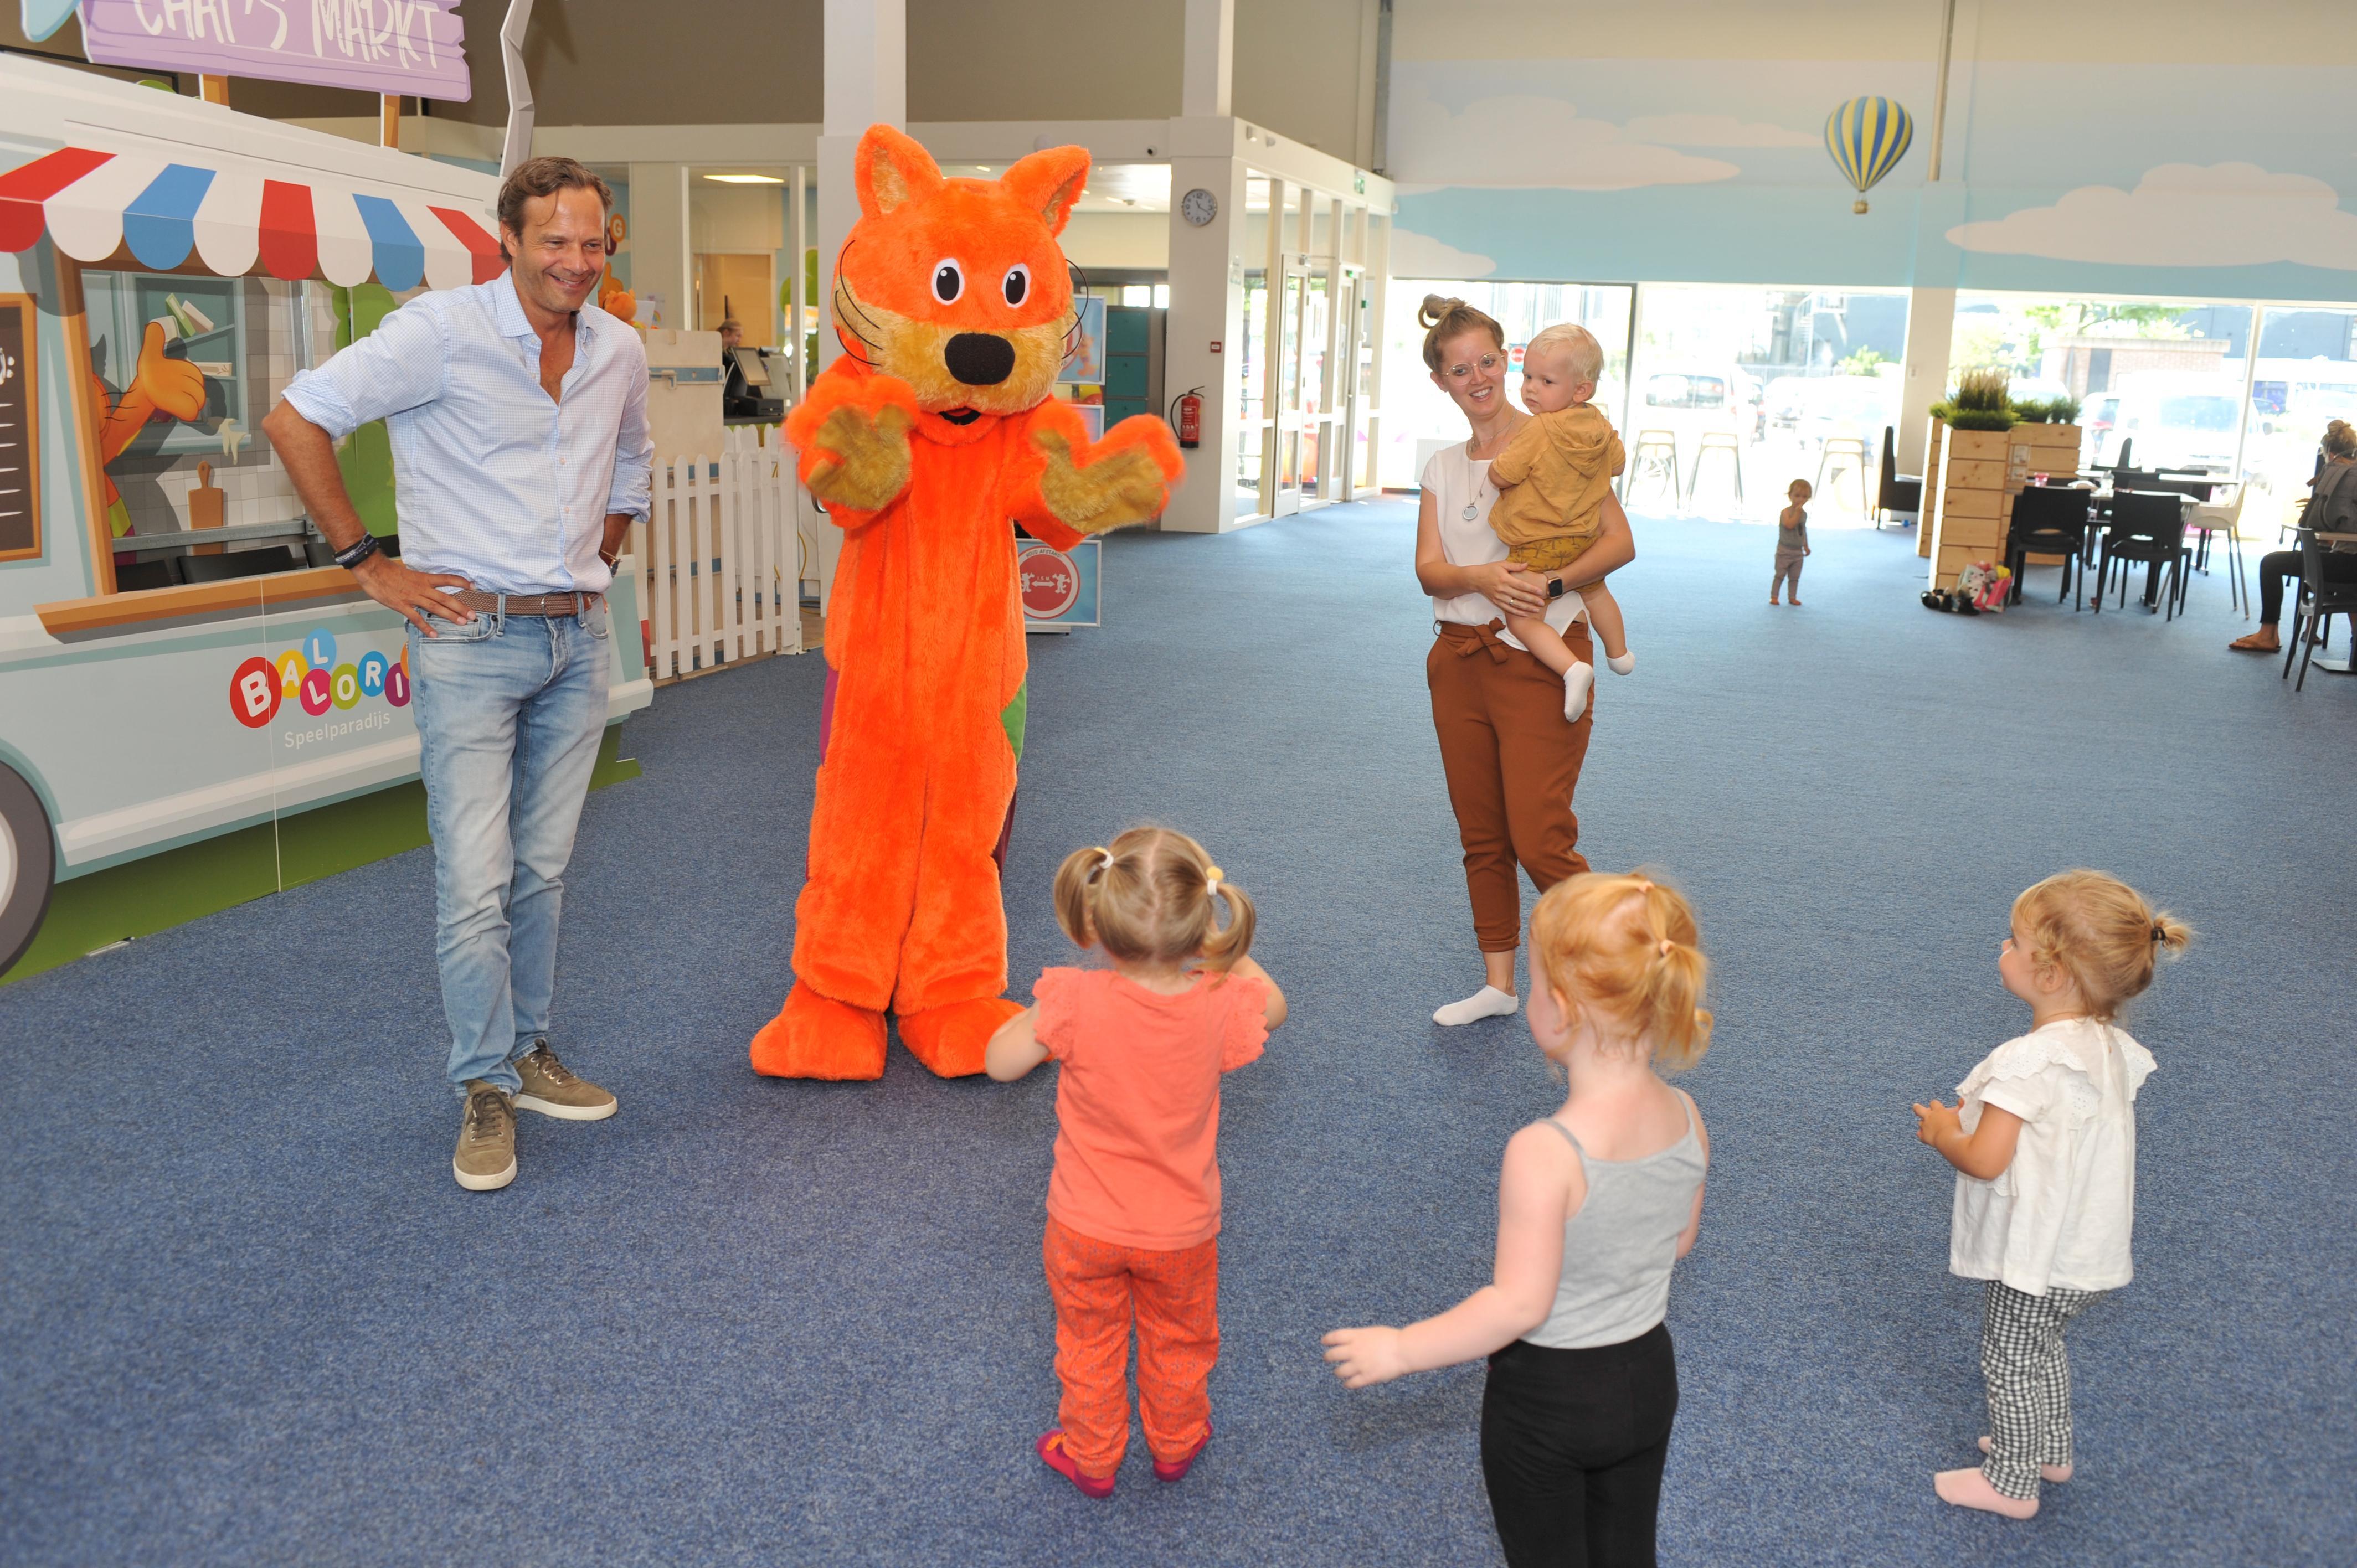 De nieuwe covid-19-maatregelen betekenen de nekslag voor indoorspeeltuinen als Ballorig en MonkeyTown. 'Er mogen maar dertig kinderen én ouders in een hal van tweeduizend vierkante meter'